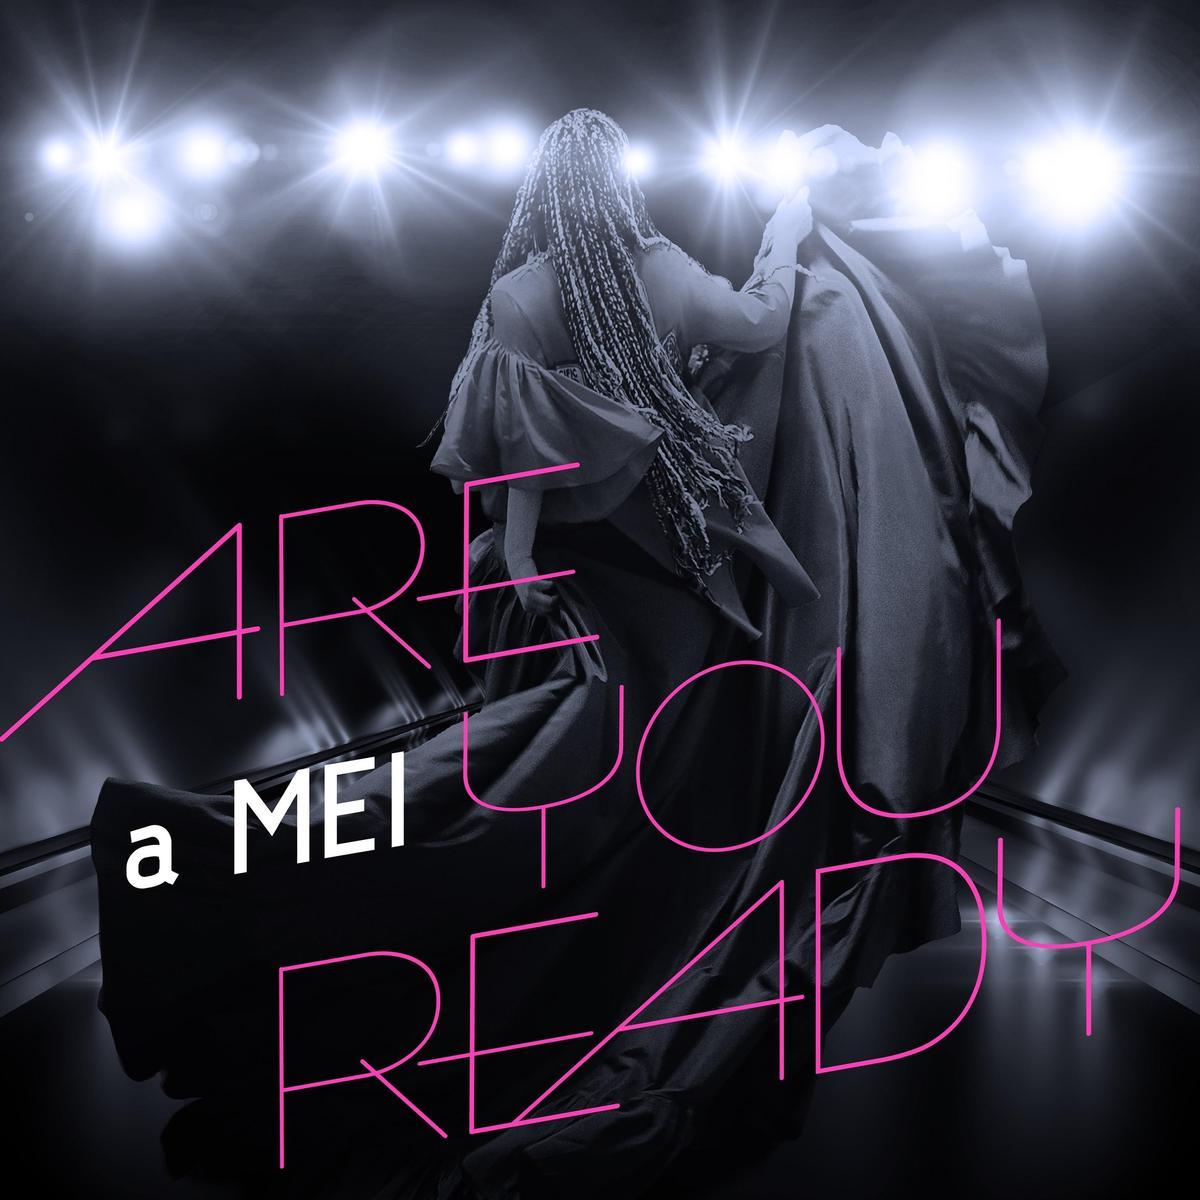 張惠妹推出〈Are You Ready〉演唱會LIVE版單曲,重新詮釋20年前恩師張雨生創作的經典。(EMI提供)